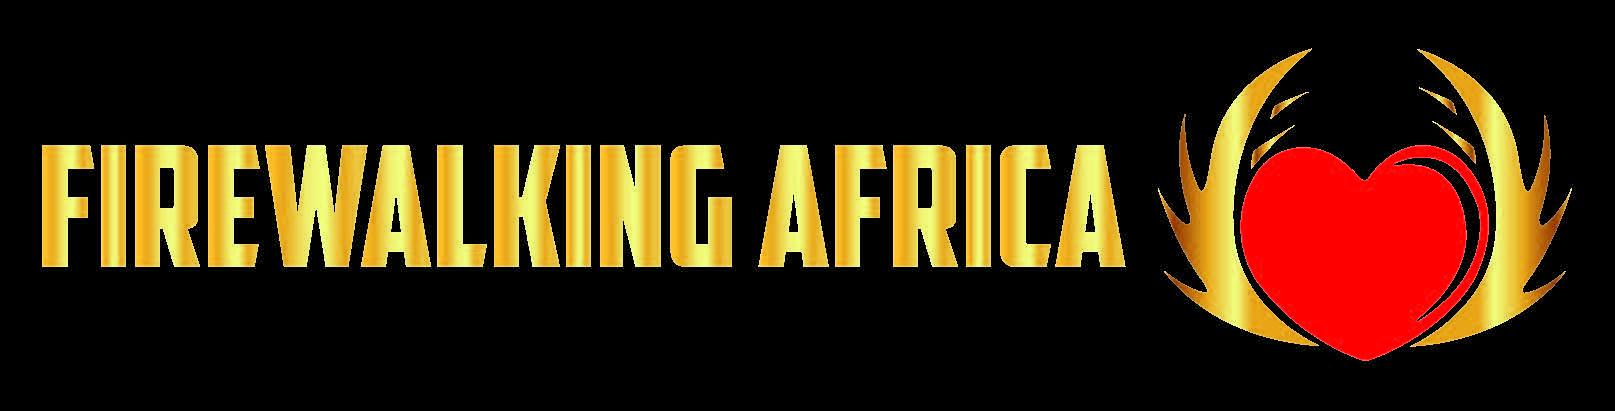 Firewalking Africa Logo